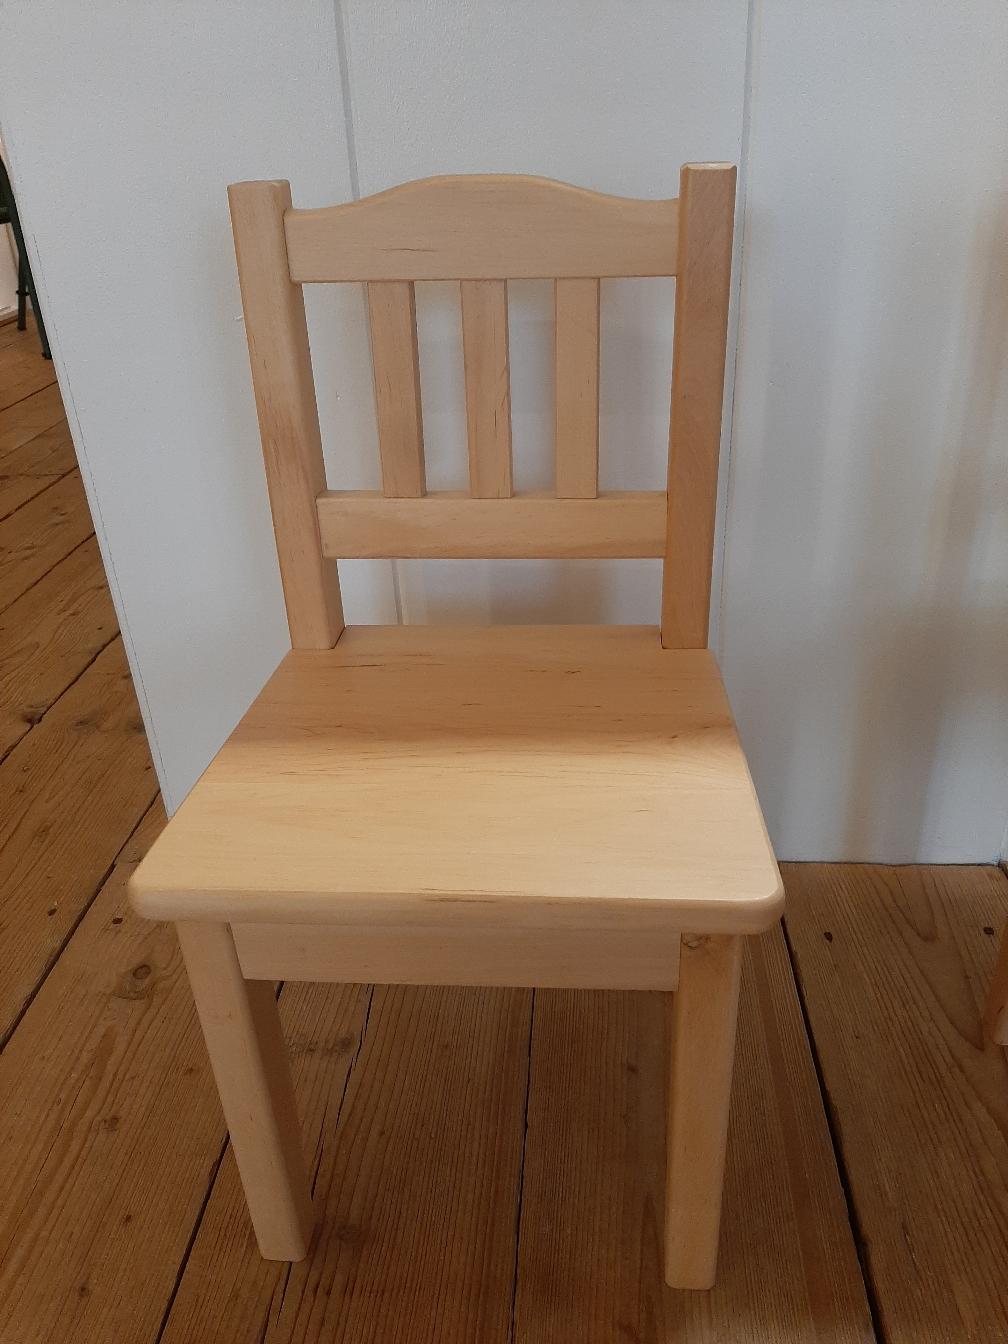 Beuken stoeltje incl  naam € 42,50